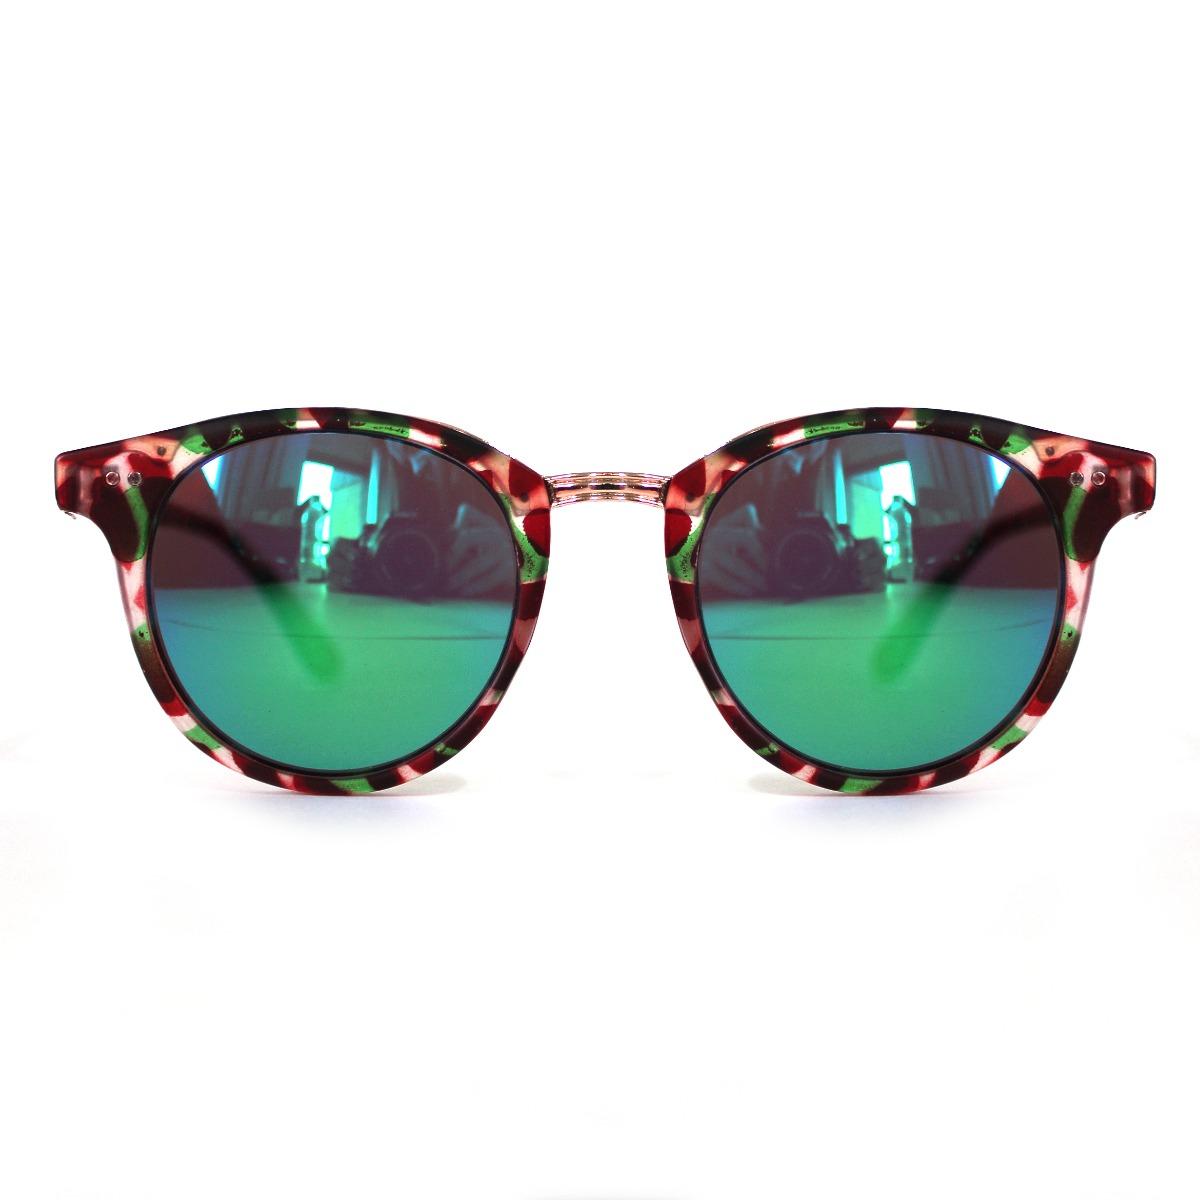 f2b656c6251b1 óculos de sol feminino espelhado colorido vermelho e verde. Carregando zoom.